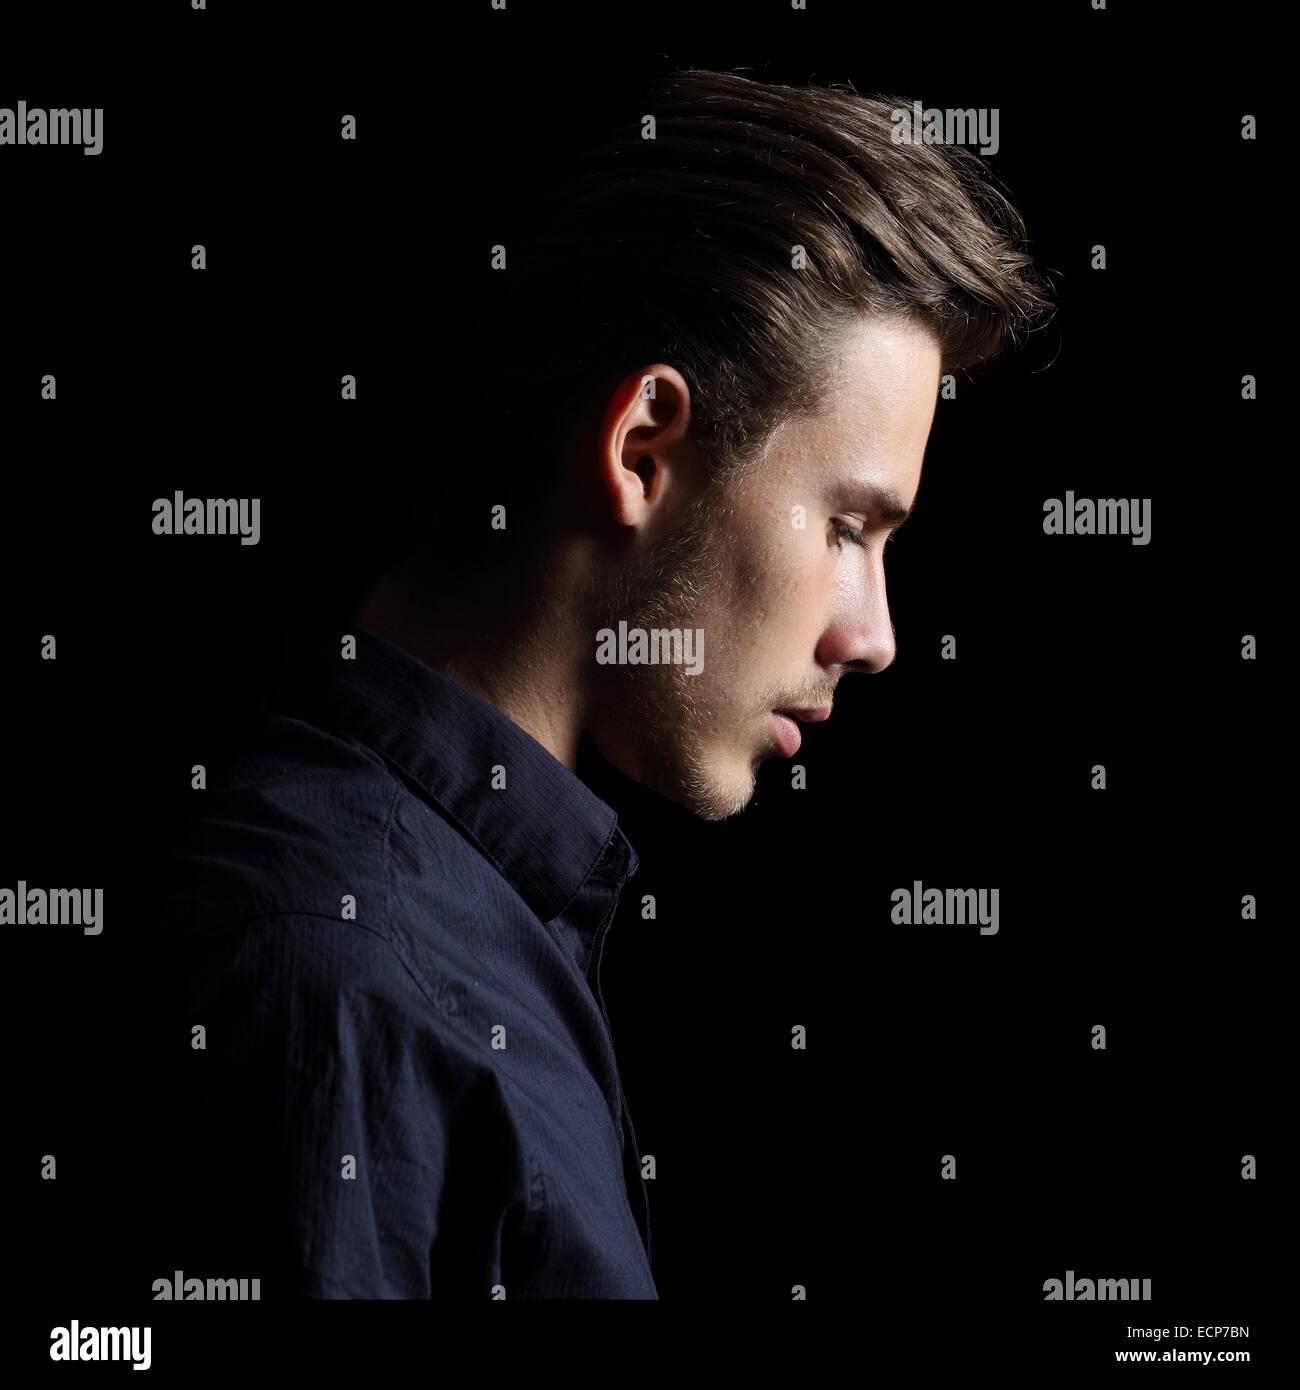 Profil von ein trauriger Mann Gesicht kleinlaut auf schwarz auf schwarzem Hintergrund isoliert Stockbild